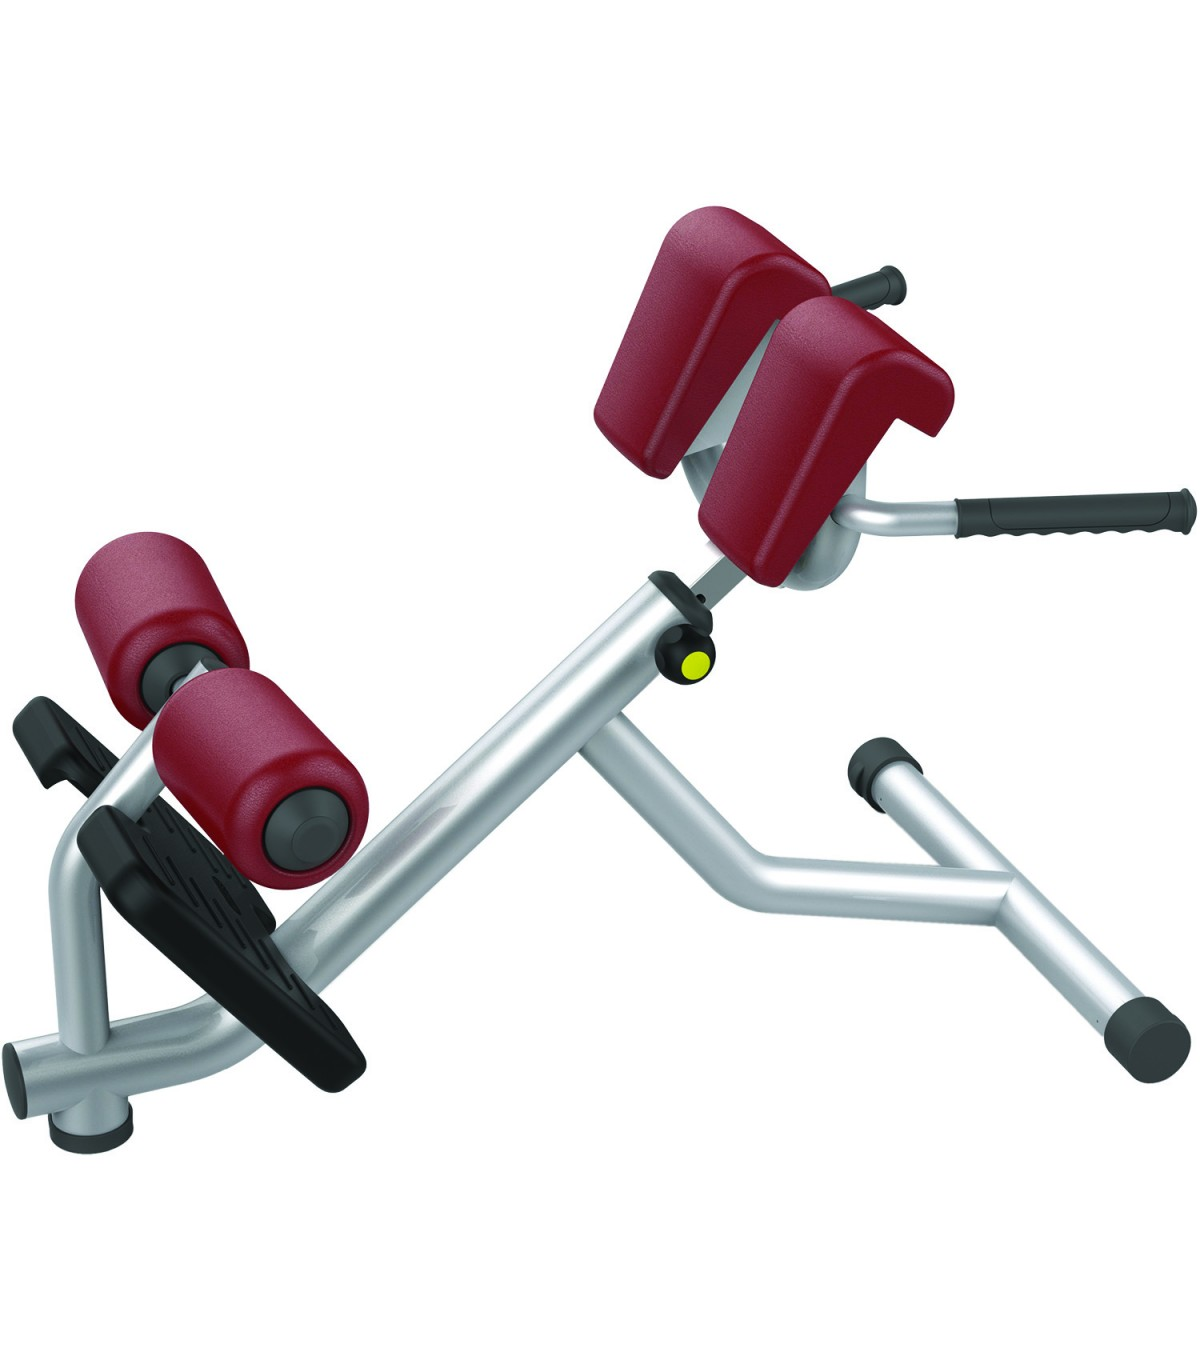 Banc de musculation professionnel lombaire inclin care fitness - Banc de musculation complet professionnel ...